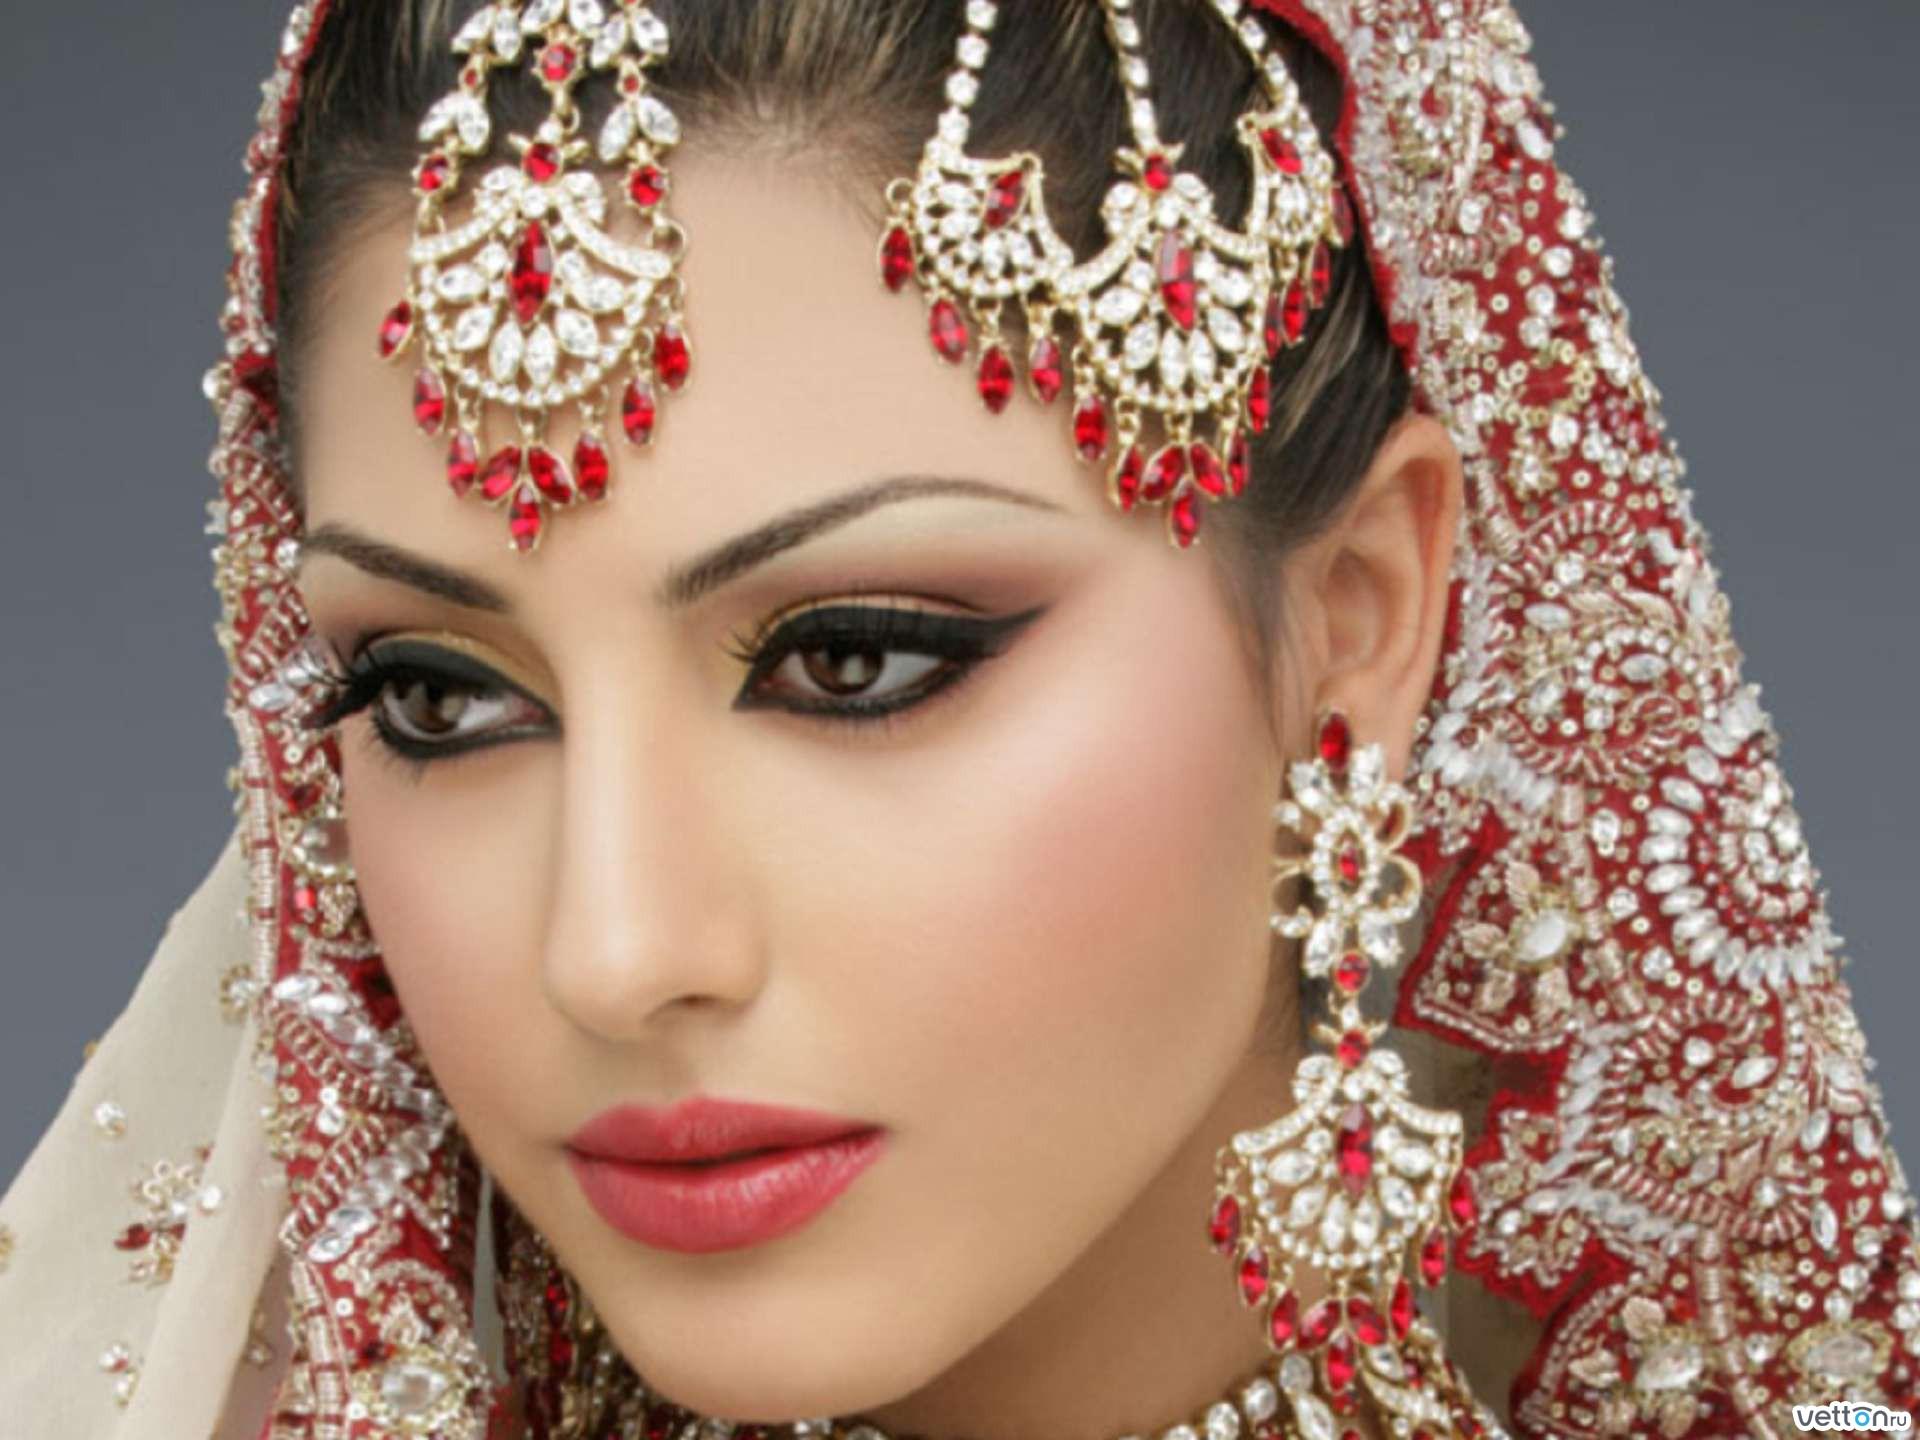 Фото индианок красивых 10 фотография